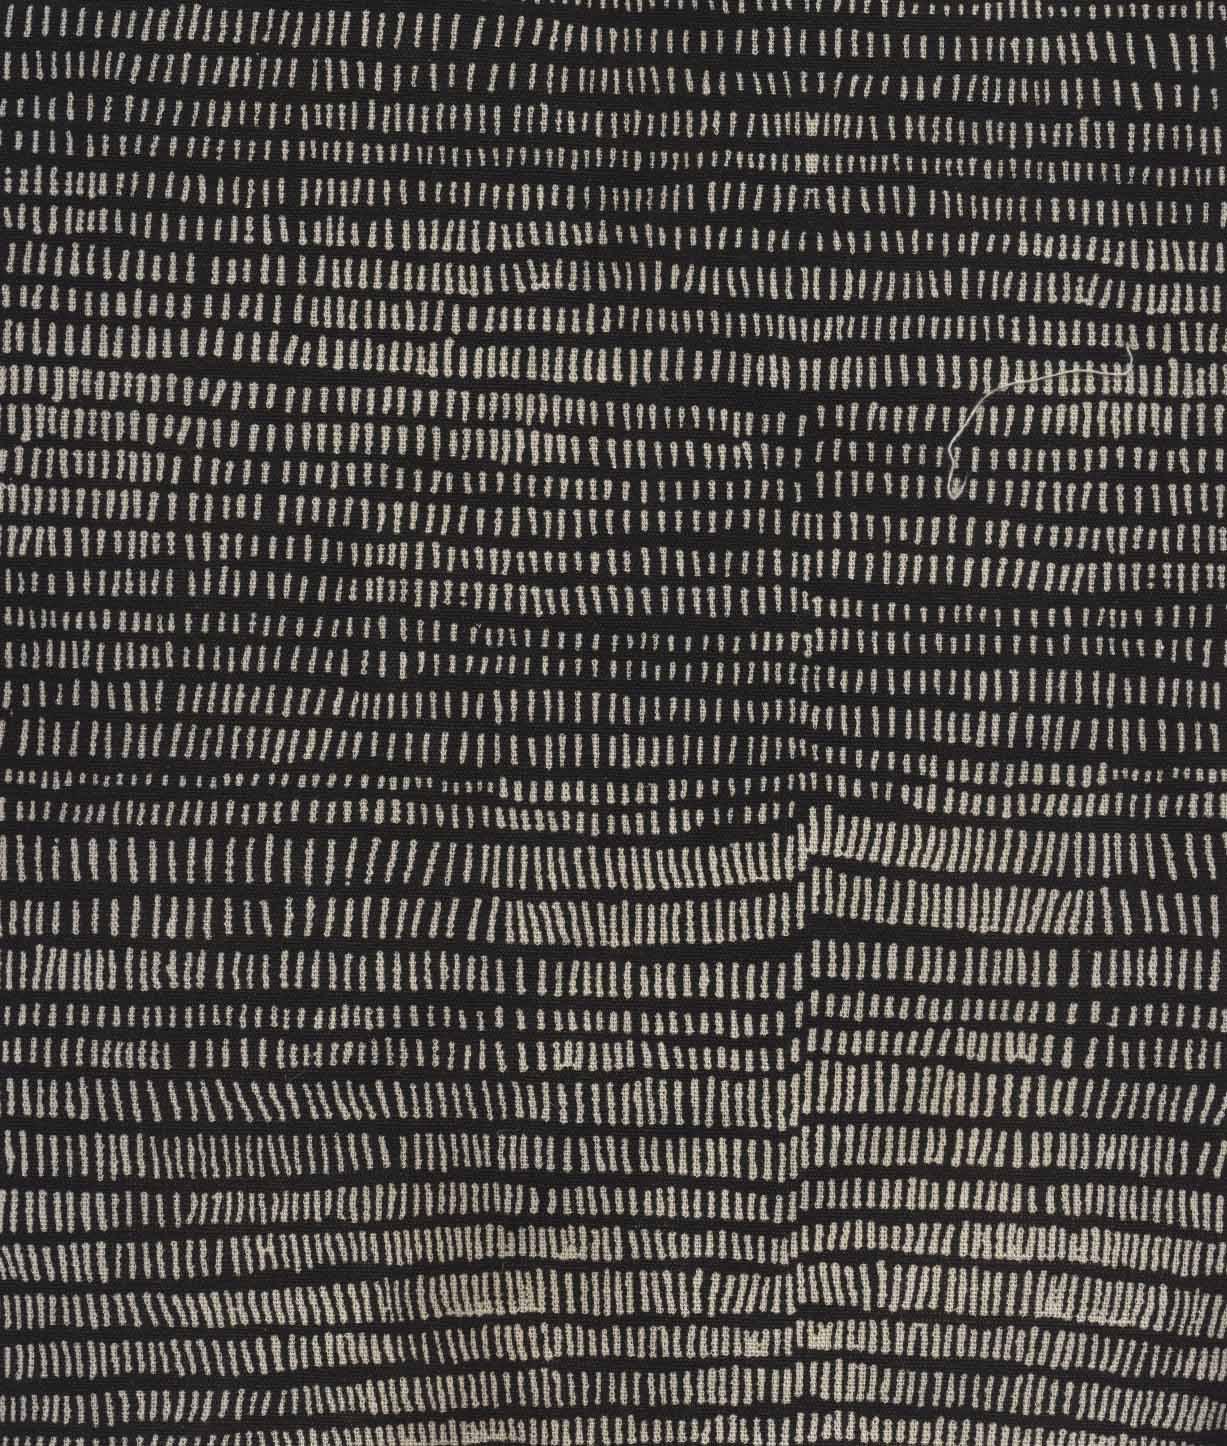 کیف پارچه ای بزرگ 35.5*35.5(خط چین)